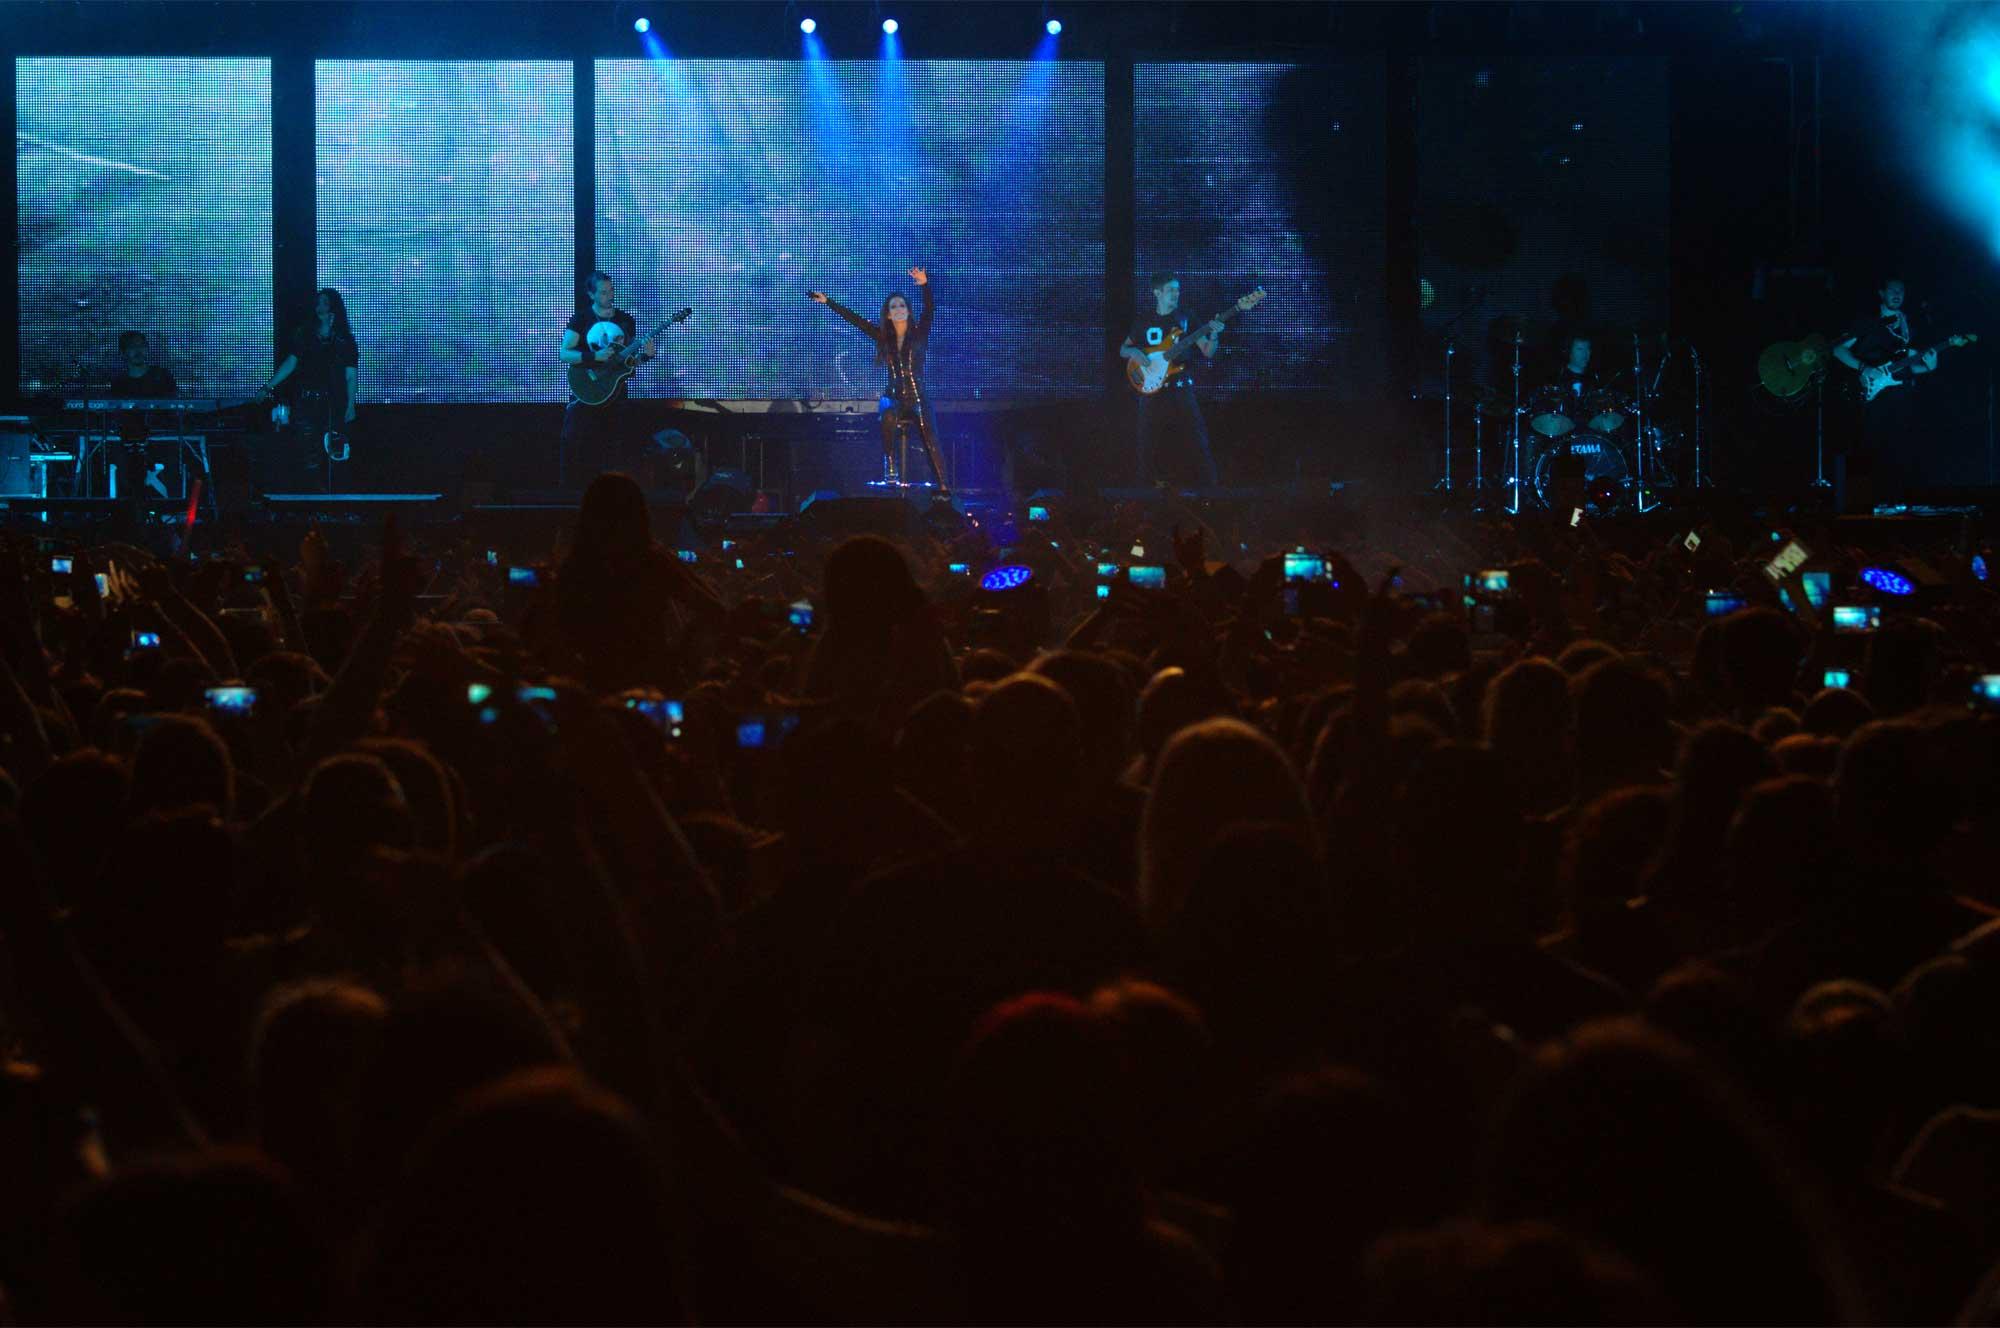 Fotografías del concierto de Malú en el Palau Sant Jordi